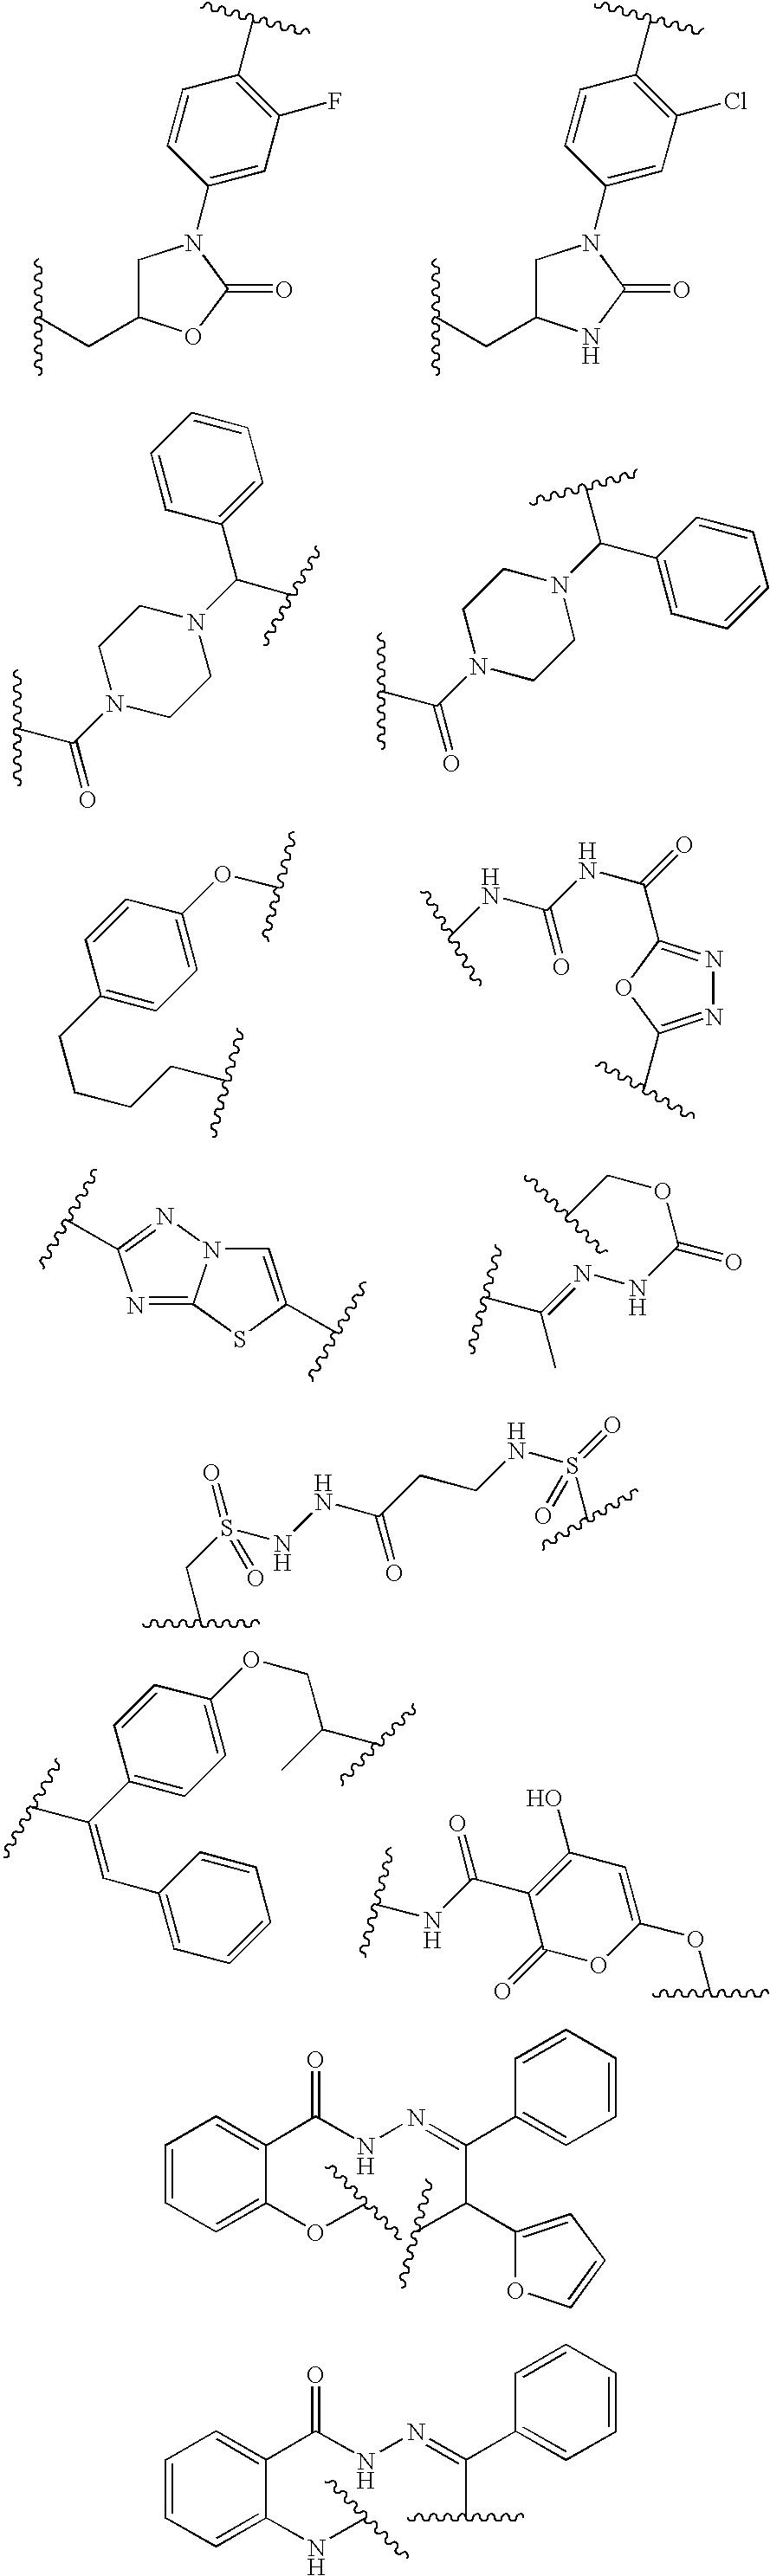 Figure US20040204477A1-20041014-C00018